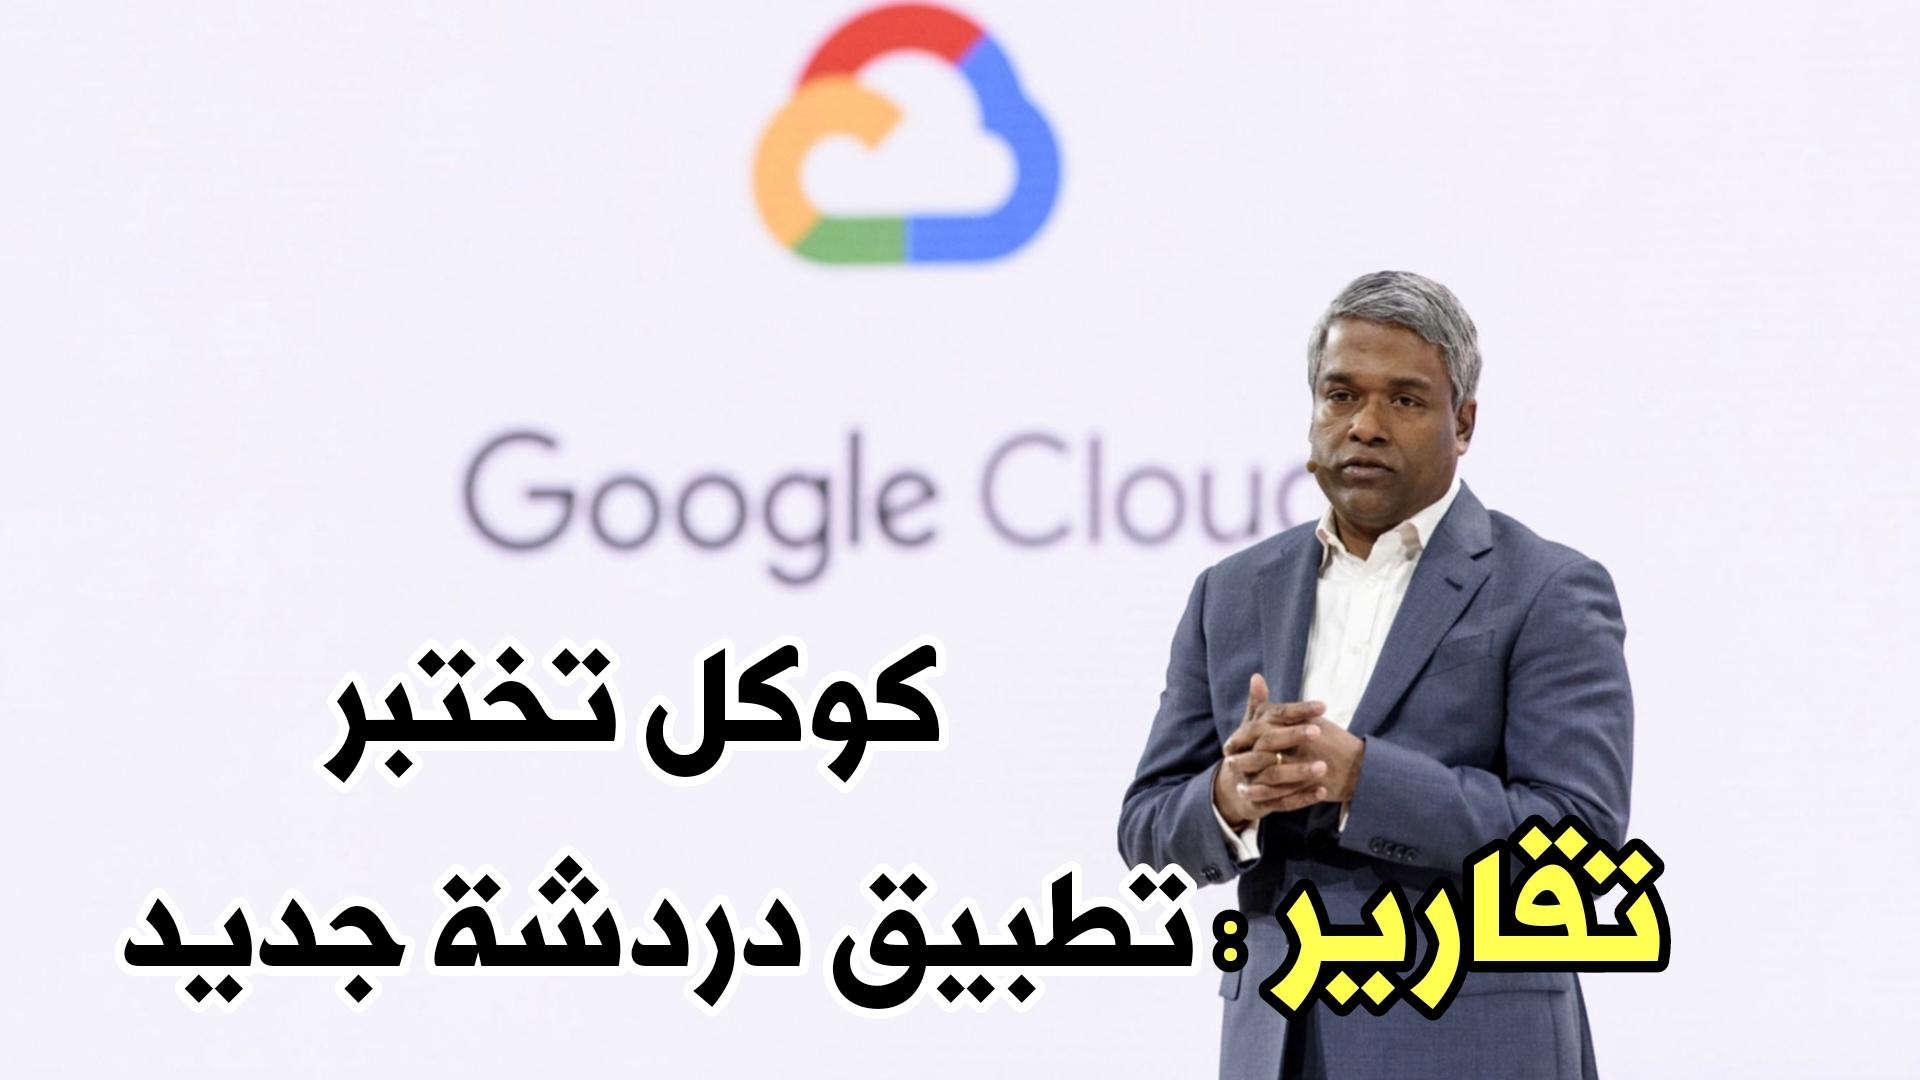 تقارير : Google تعمل على أختبار تطبيق دردشة جديد يضاف الى خدماتها